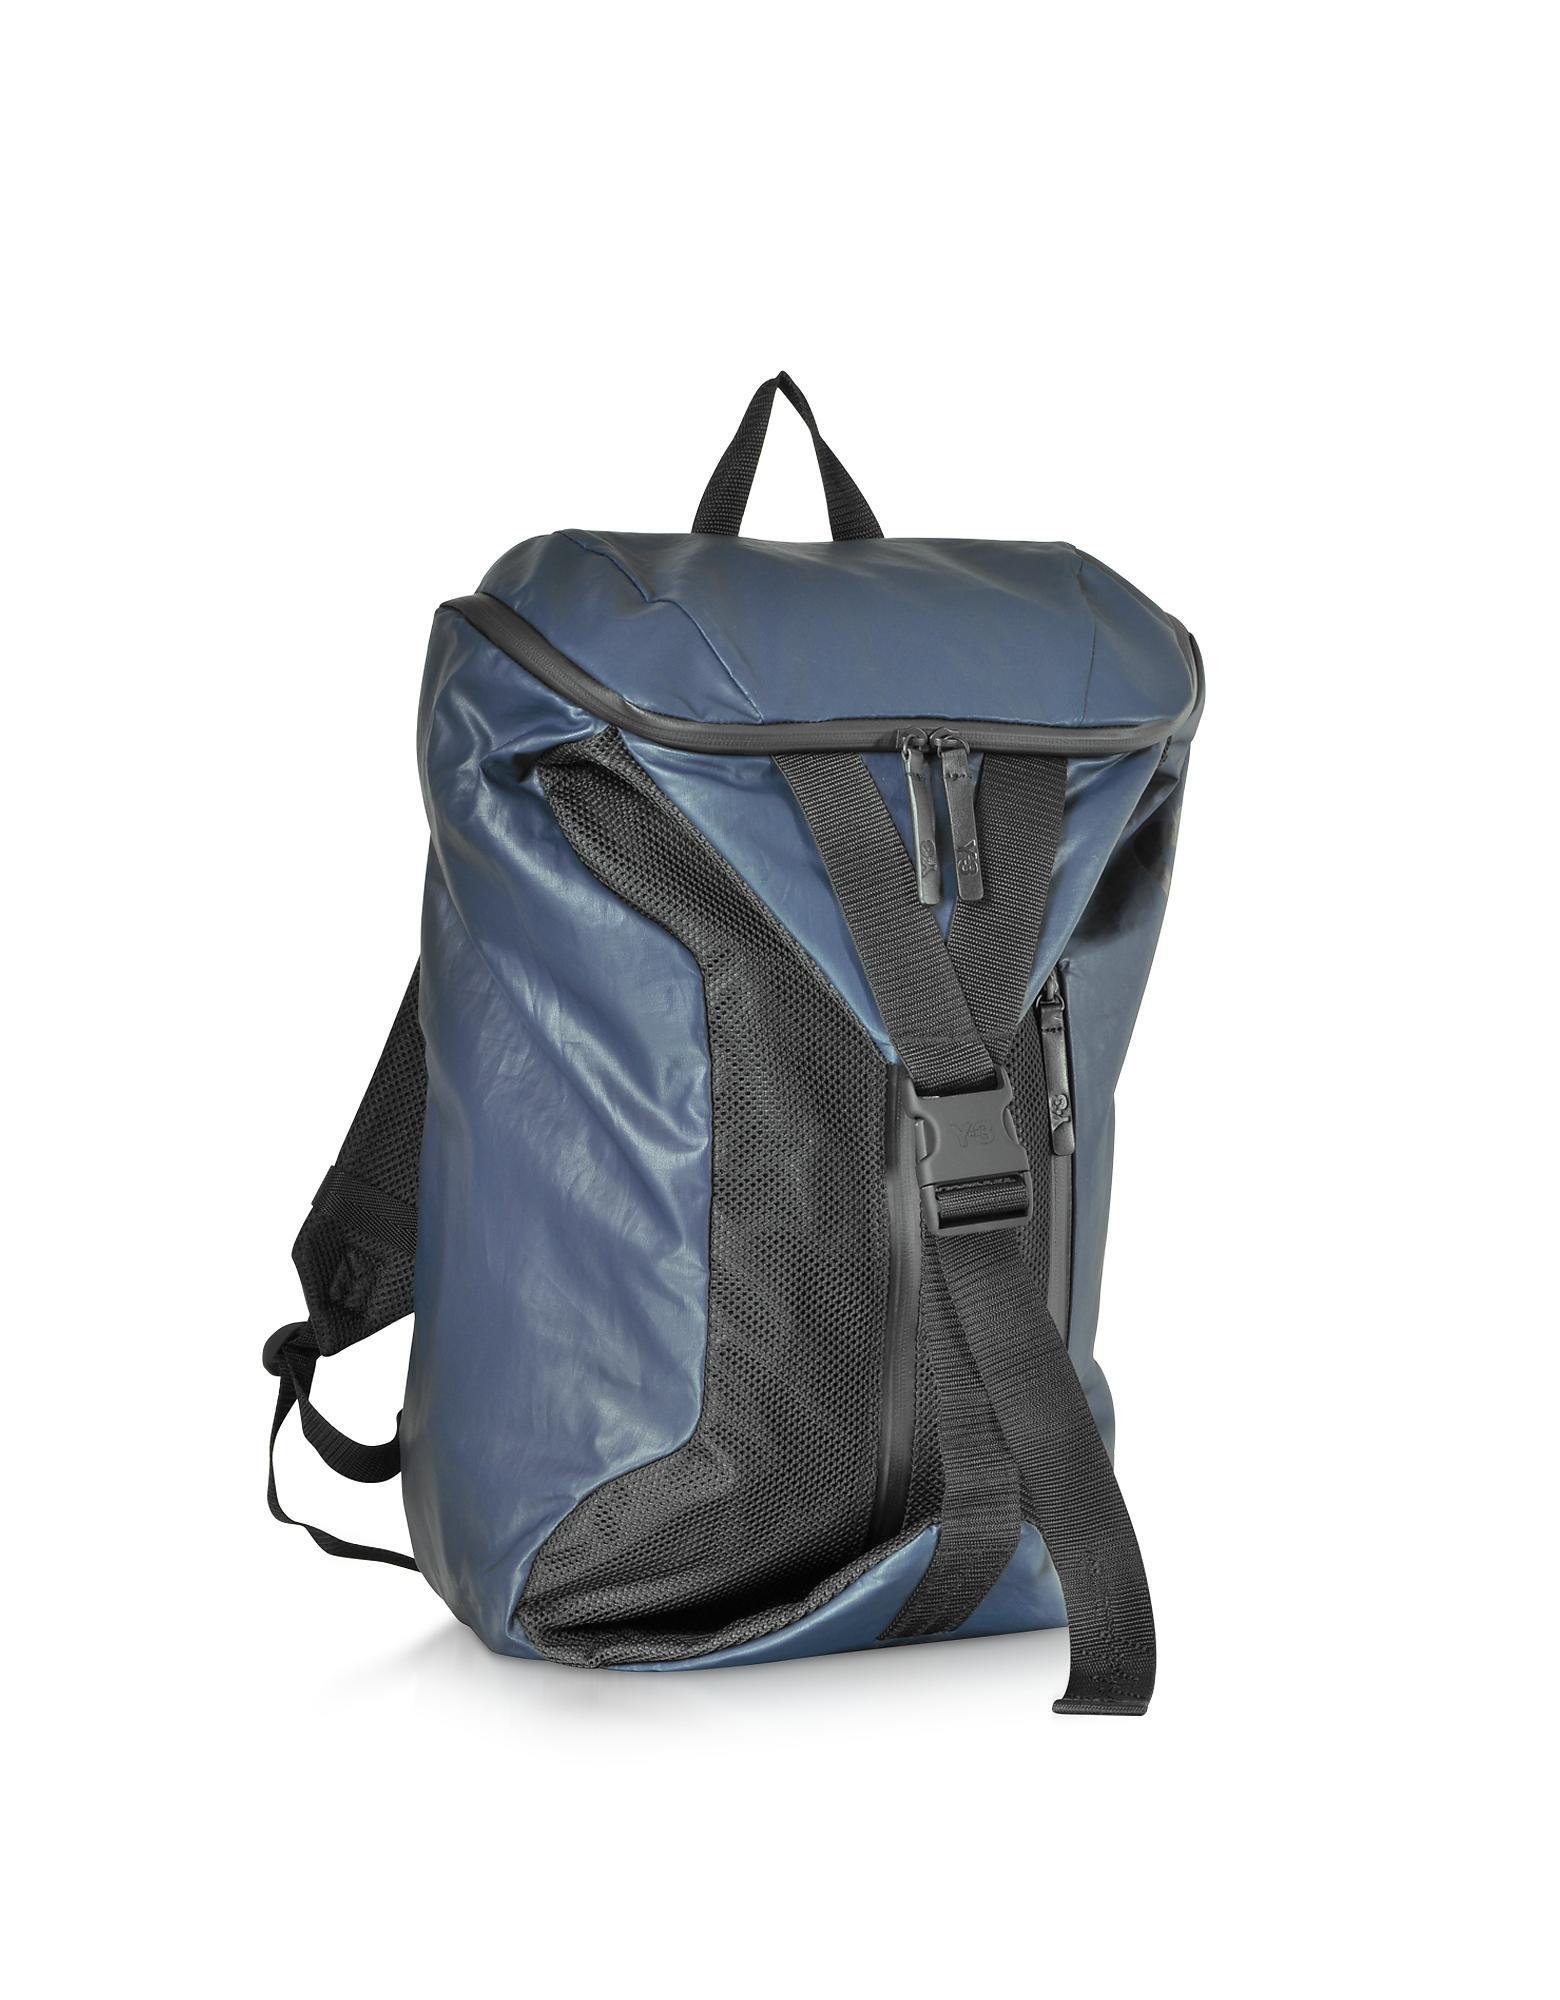 9e7daf30bbec Lyst - Y-3 Blue Nylon Base Backpack in Blue for Men